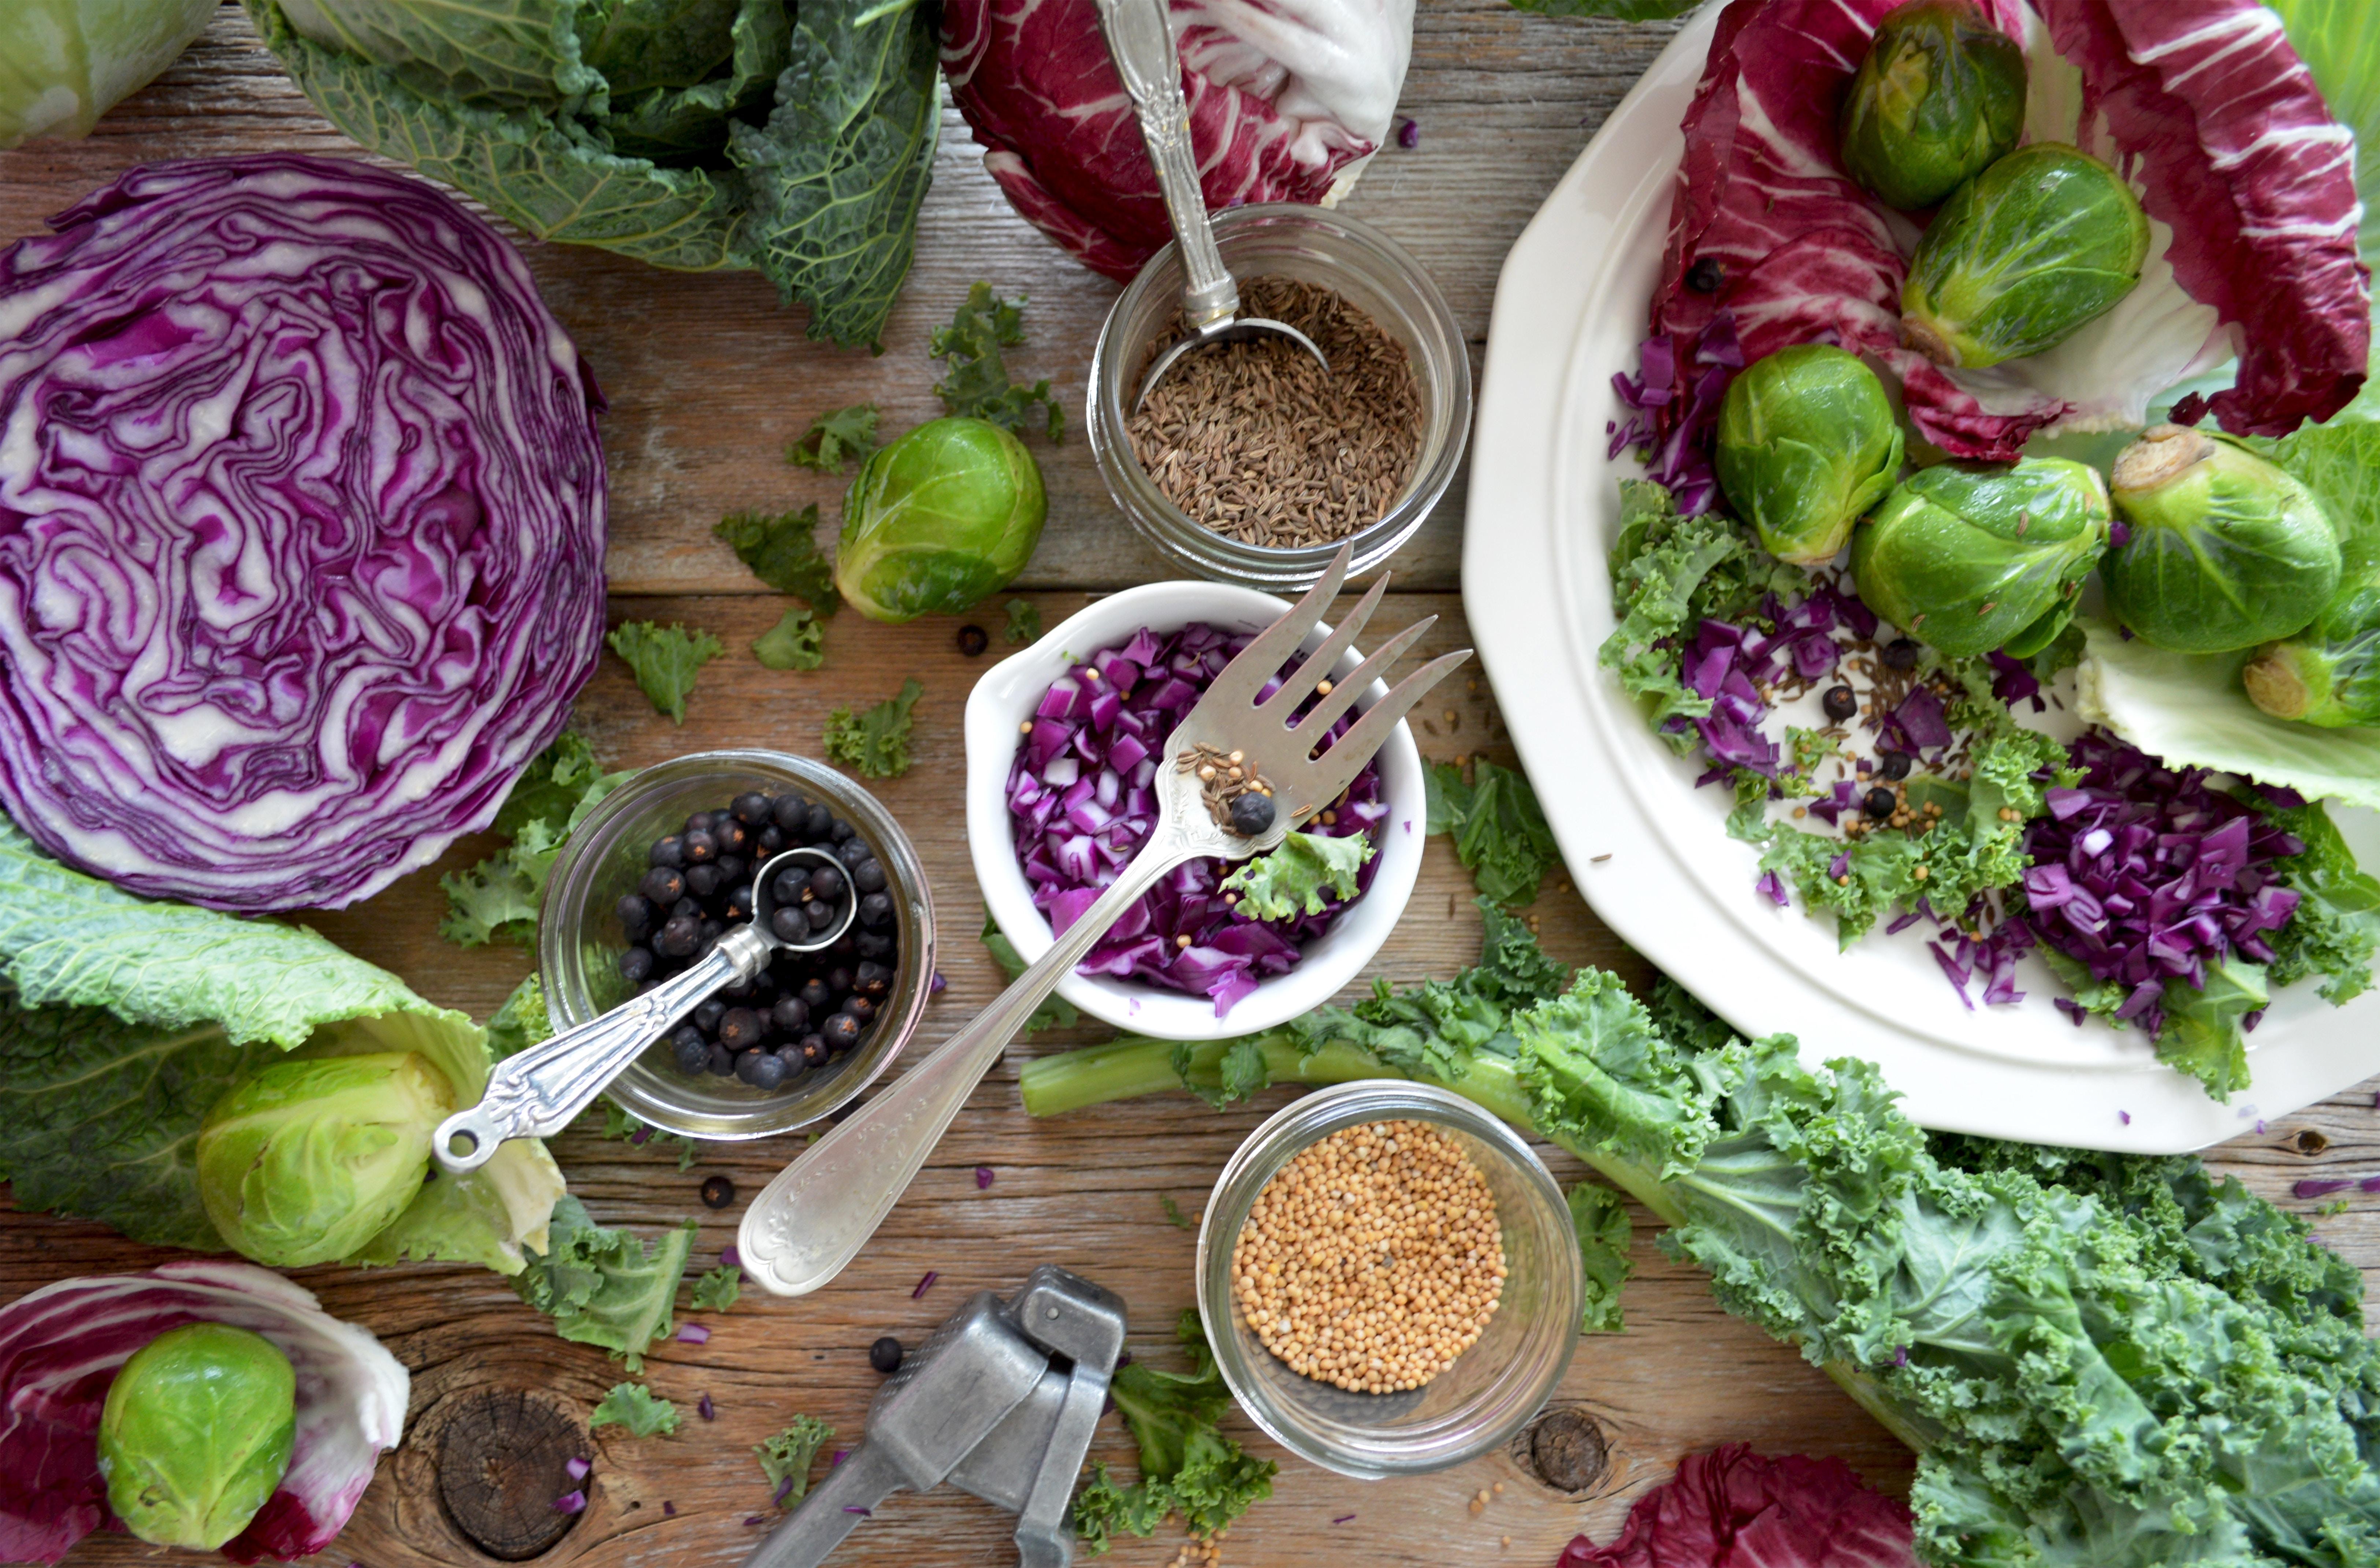 Frutta e verdura viola contro l'invecchiamento precoce